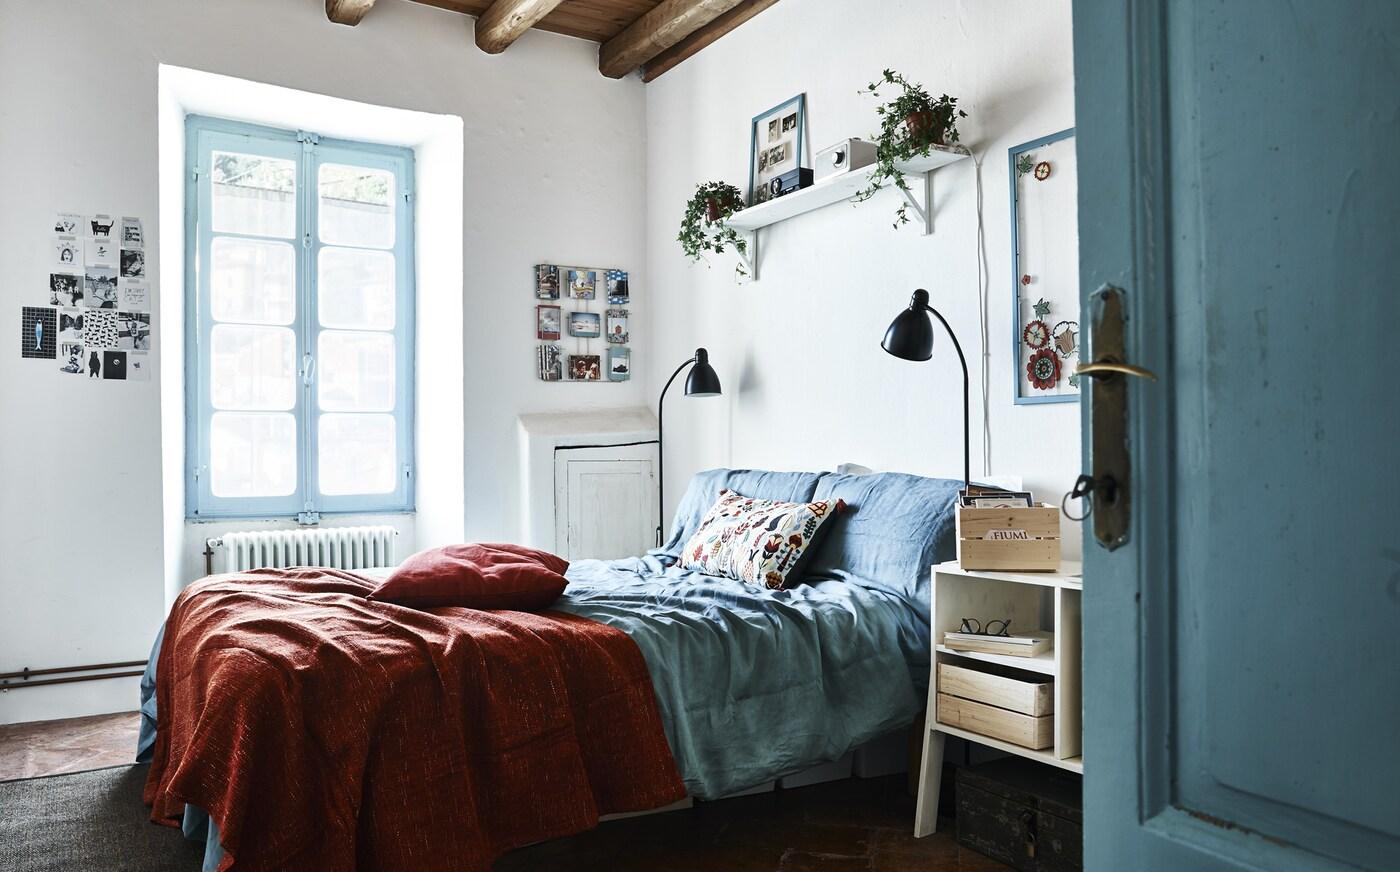 Visite Du0027intérieurs: 1 Chambre à Coucher, 3 Looks